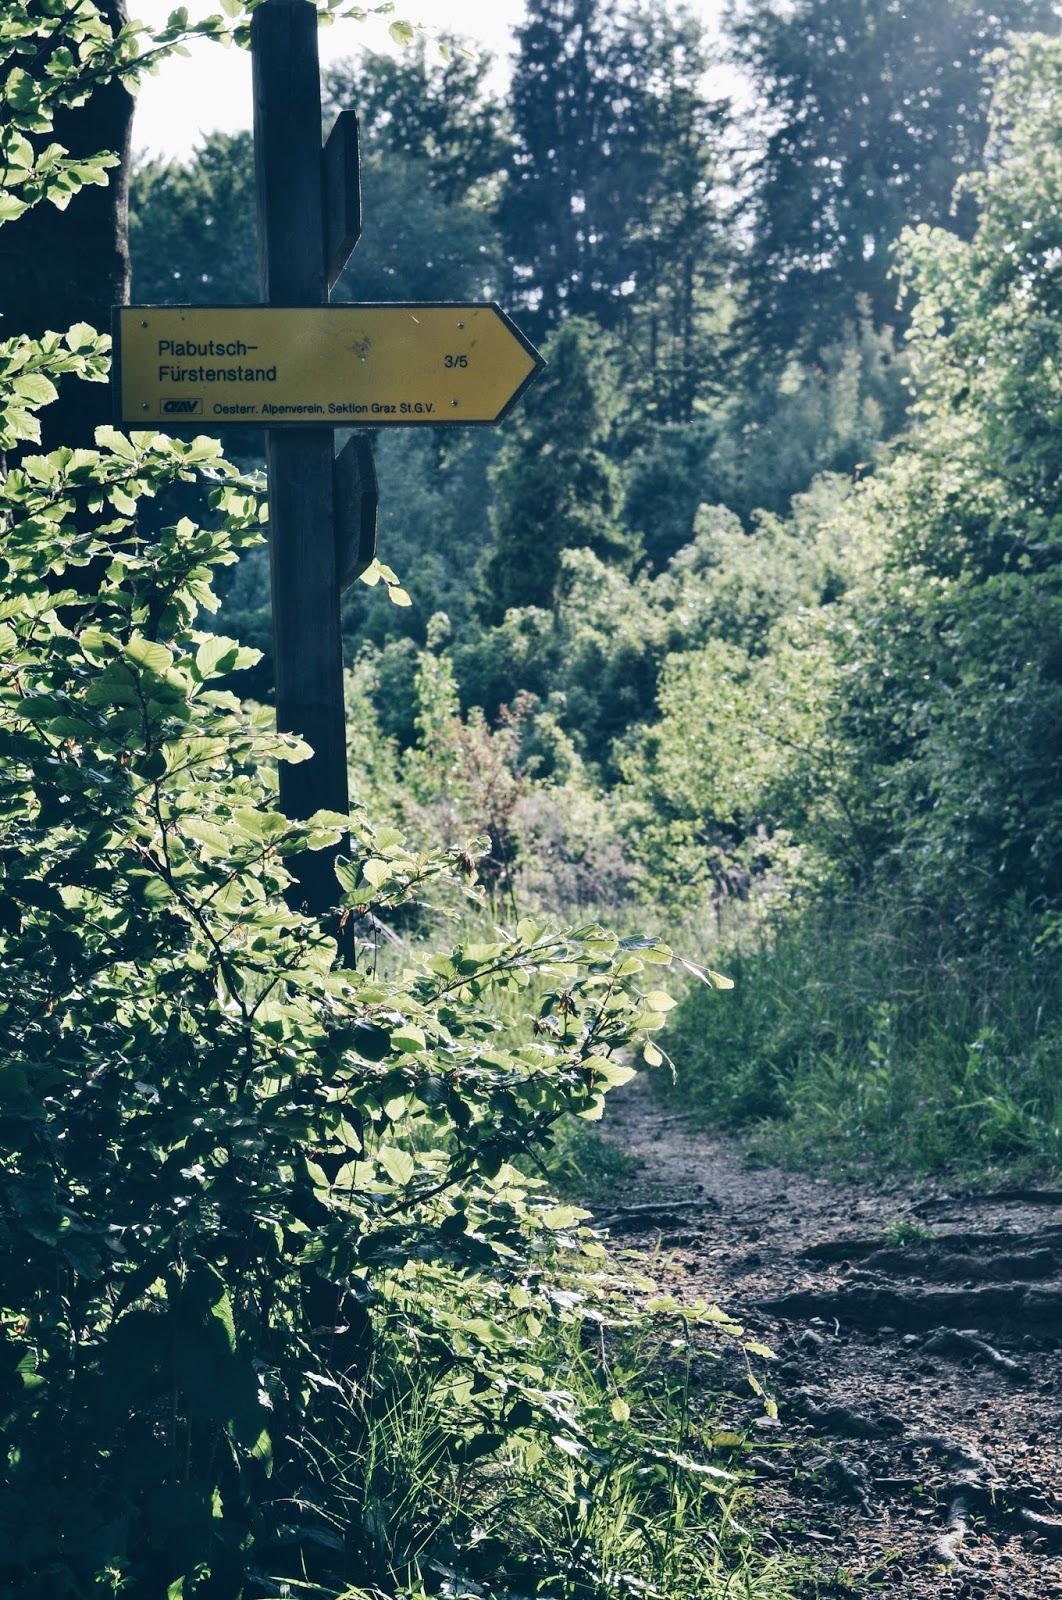 Obowiązkowy punkt do zobaczenia w Graz - góra Plabutsch